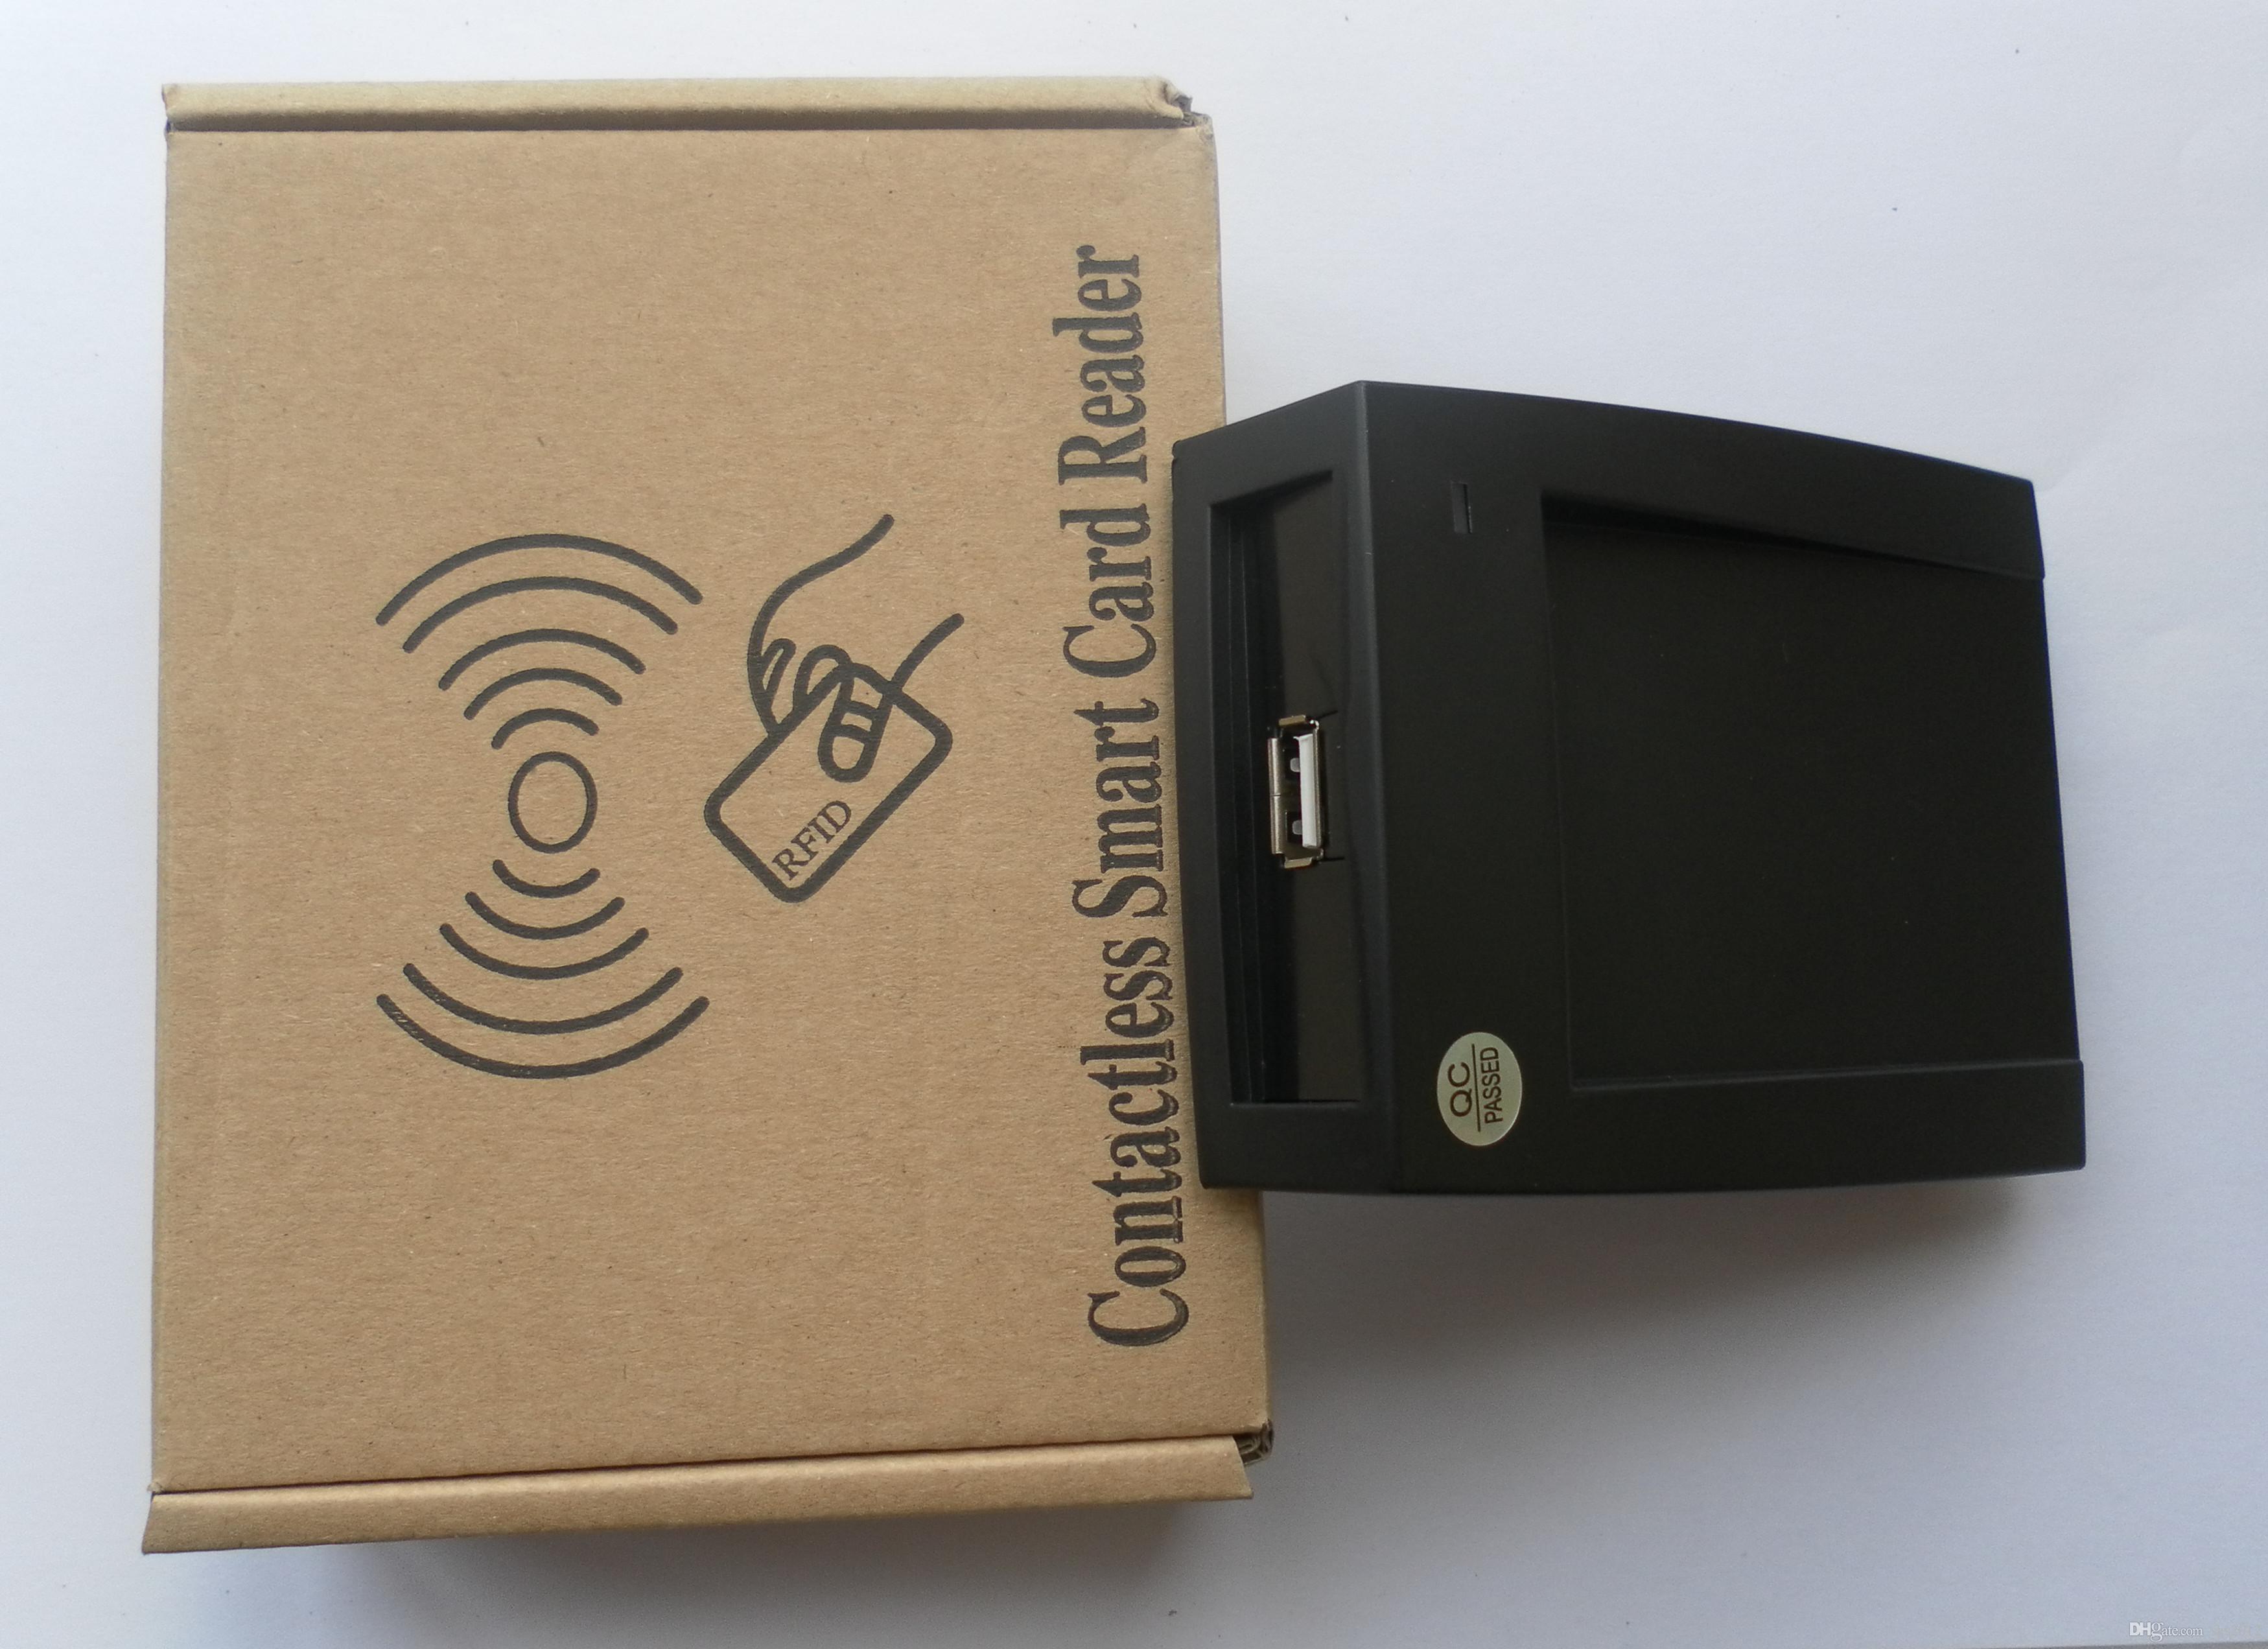 125Khz EM4100 RFID Proximity ID Kartenleser / RFID Transponder / Encoder USB